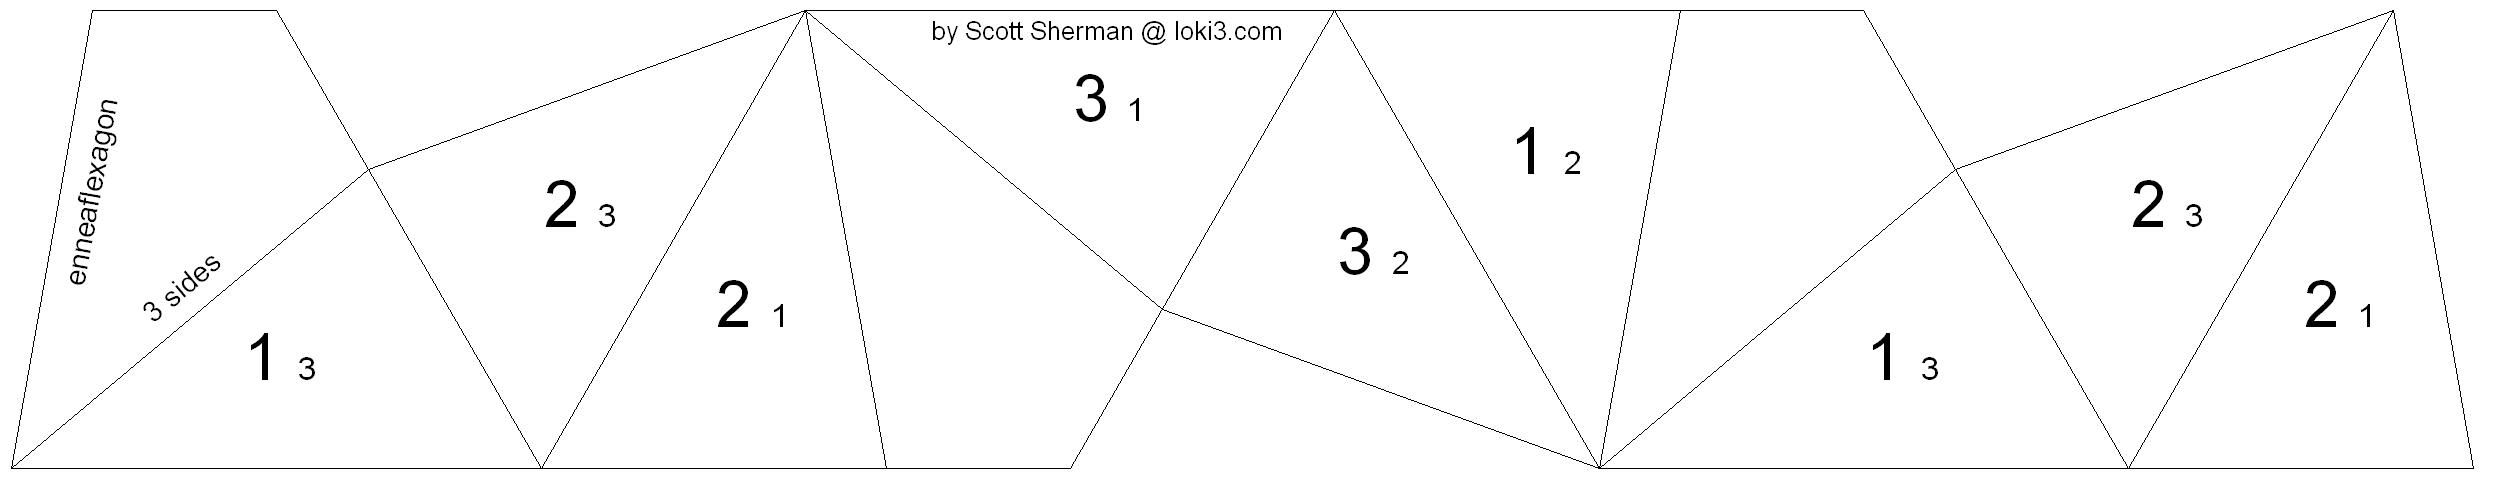 isosceles enneaflexagon and hexagonal enneaflexagon